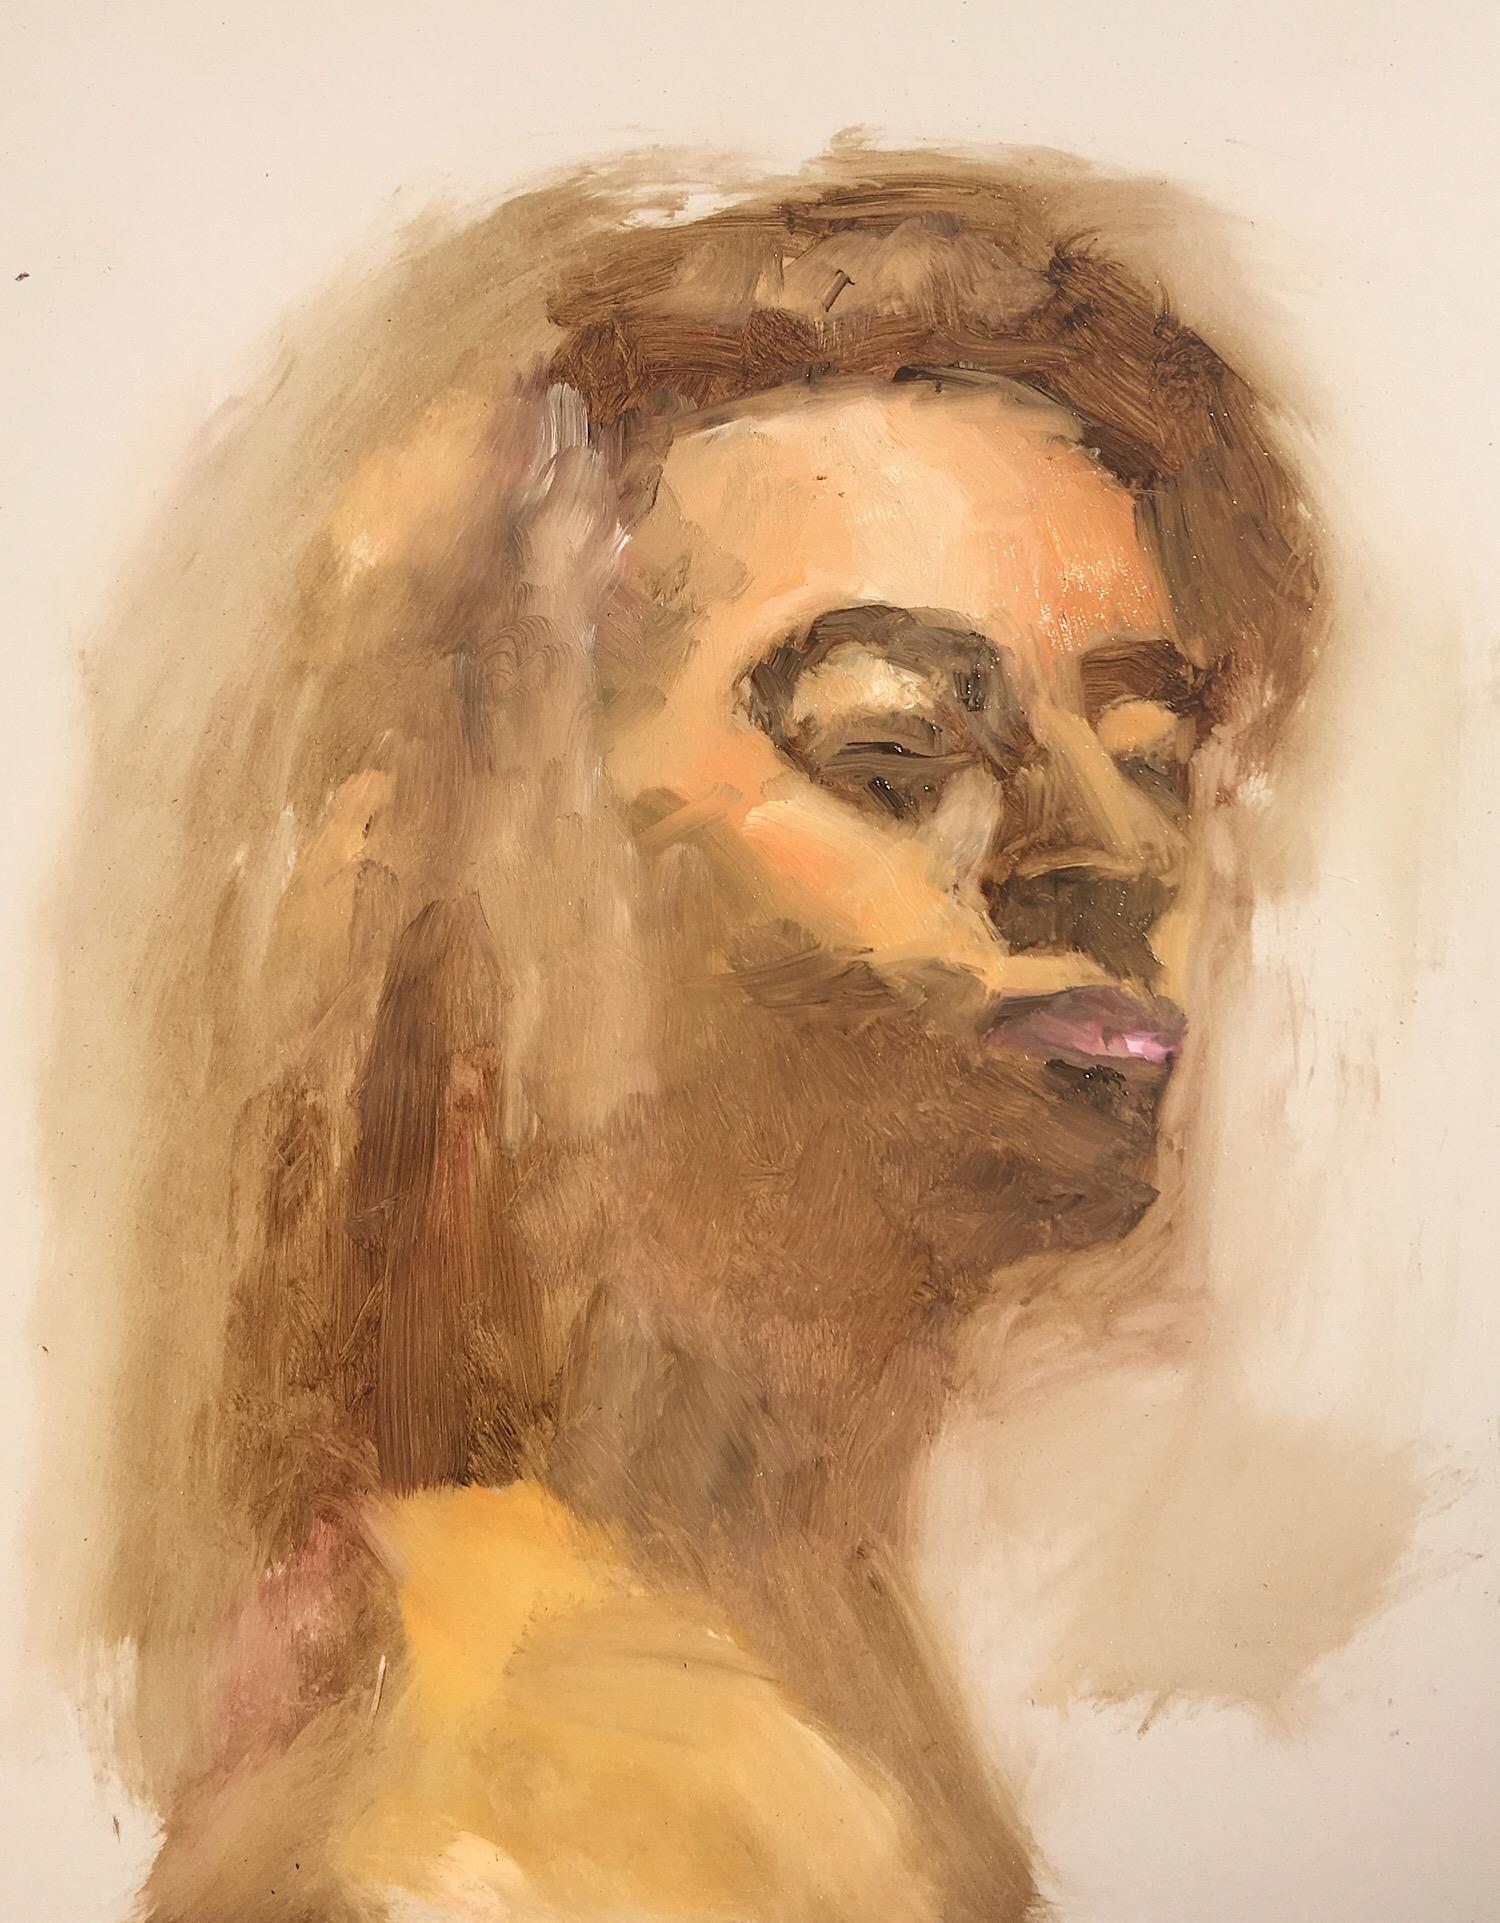 """Geoff Watson, """"Giselle"""" (work in progress), oil on panel, 11"""" x 14,"""" 2017."""